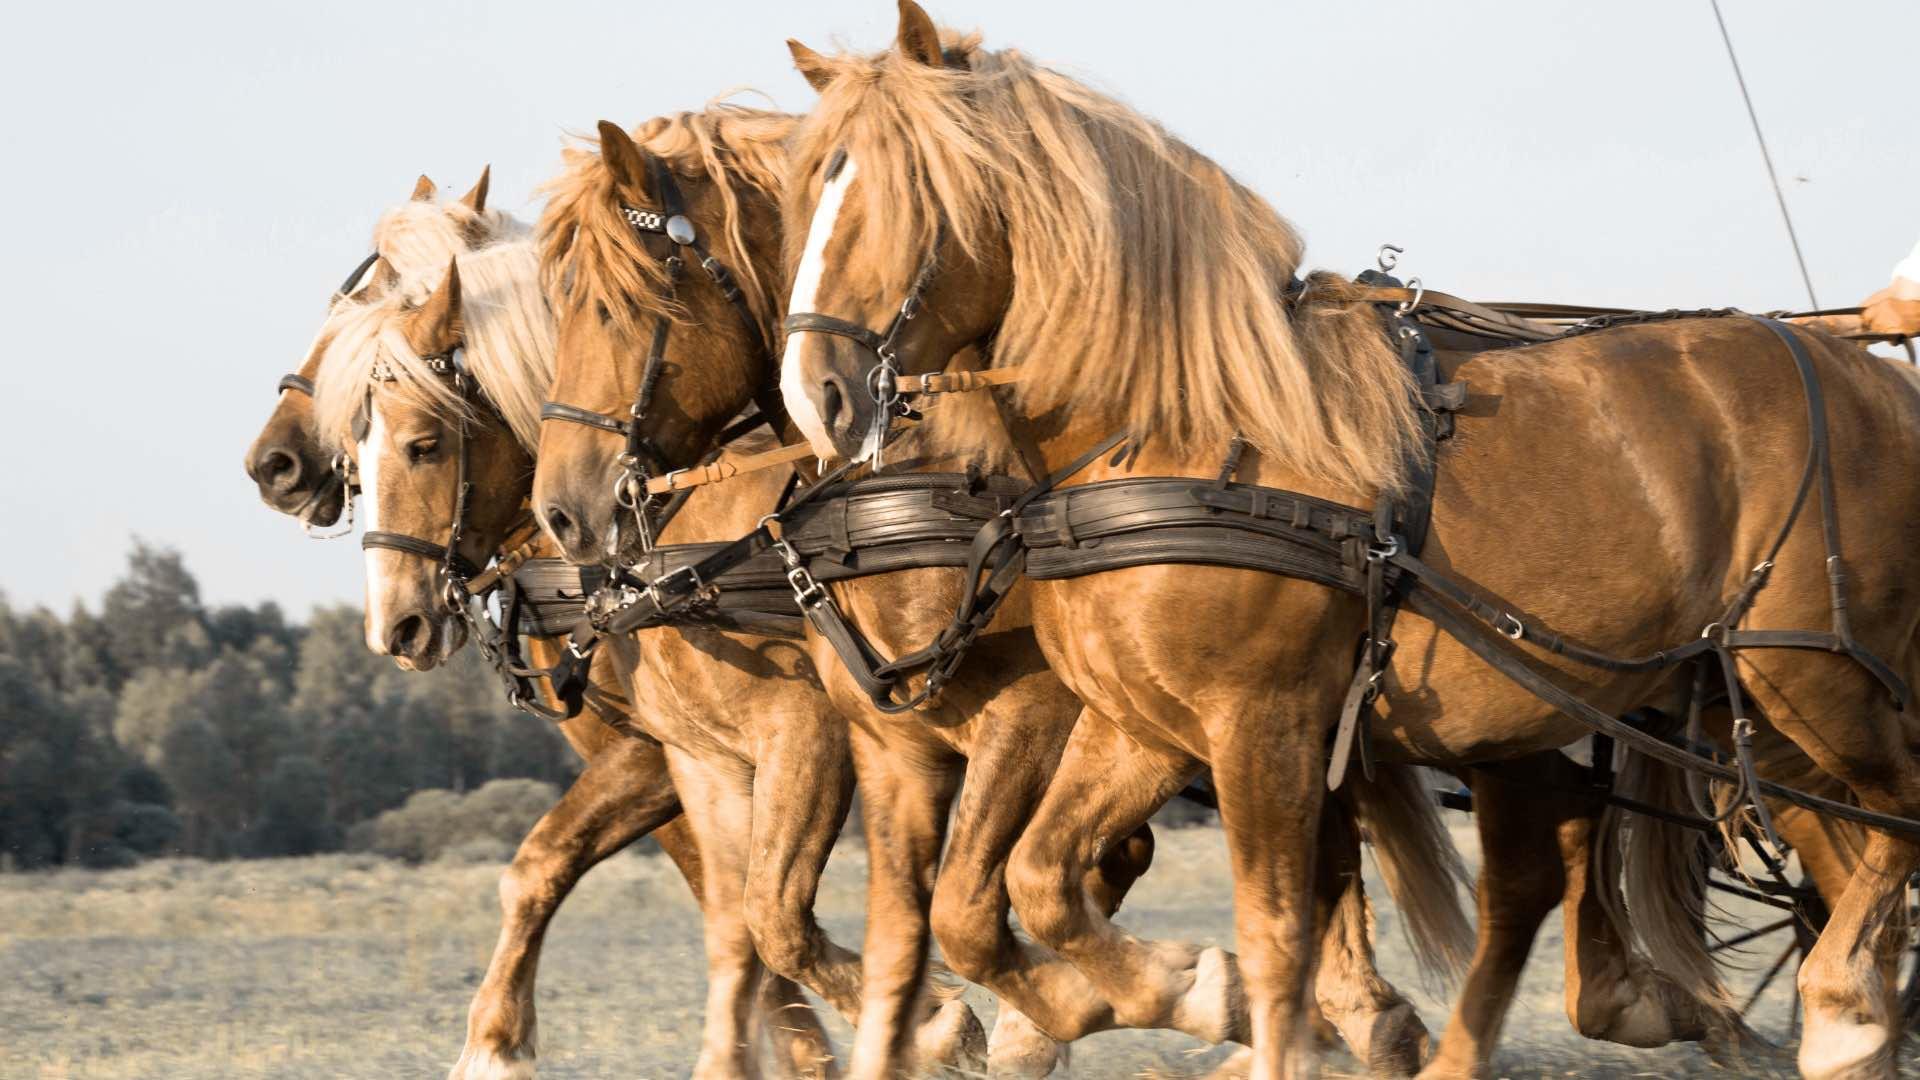 Названия и краткое описание пород лошадей тяжеловозов, фото владимирской породы